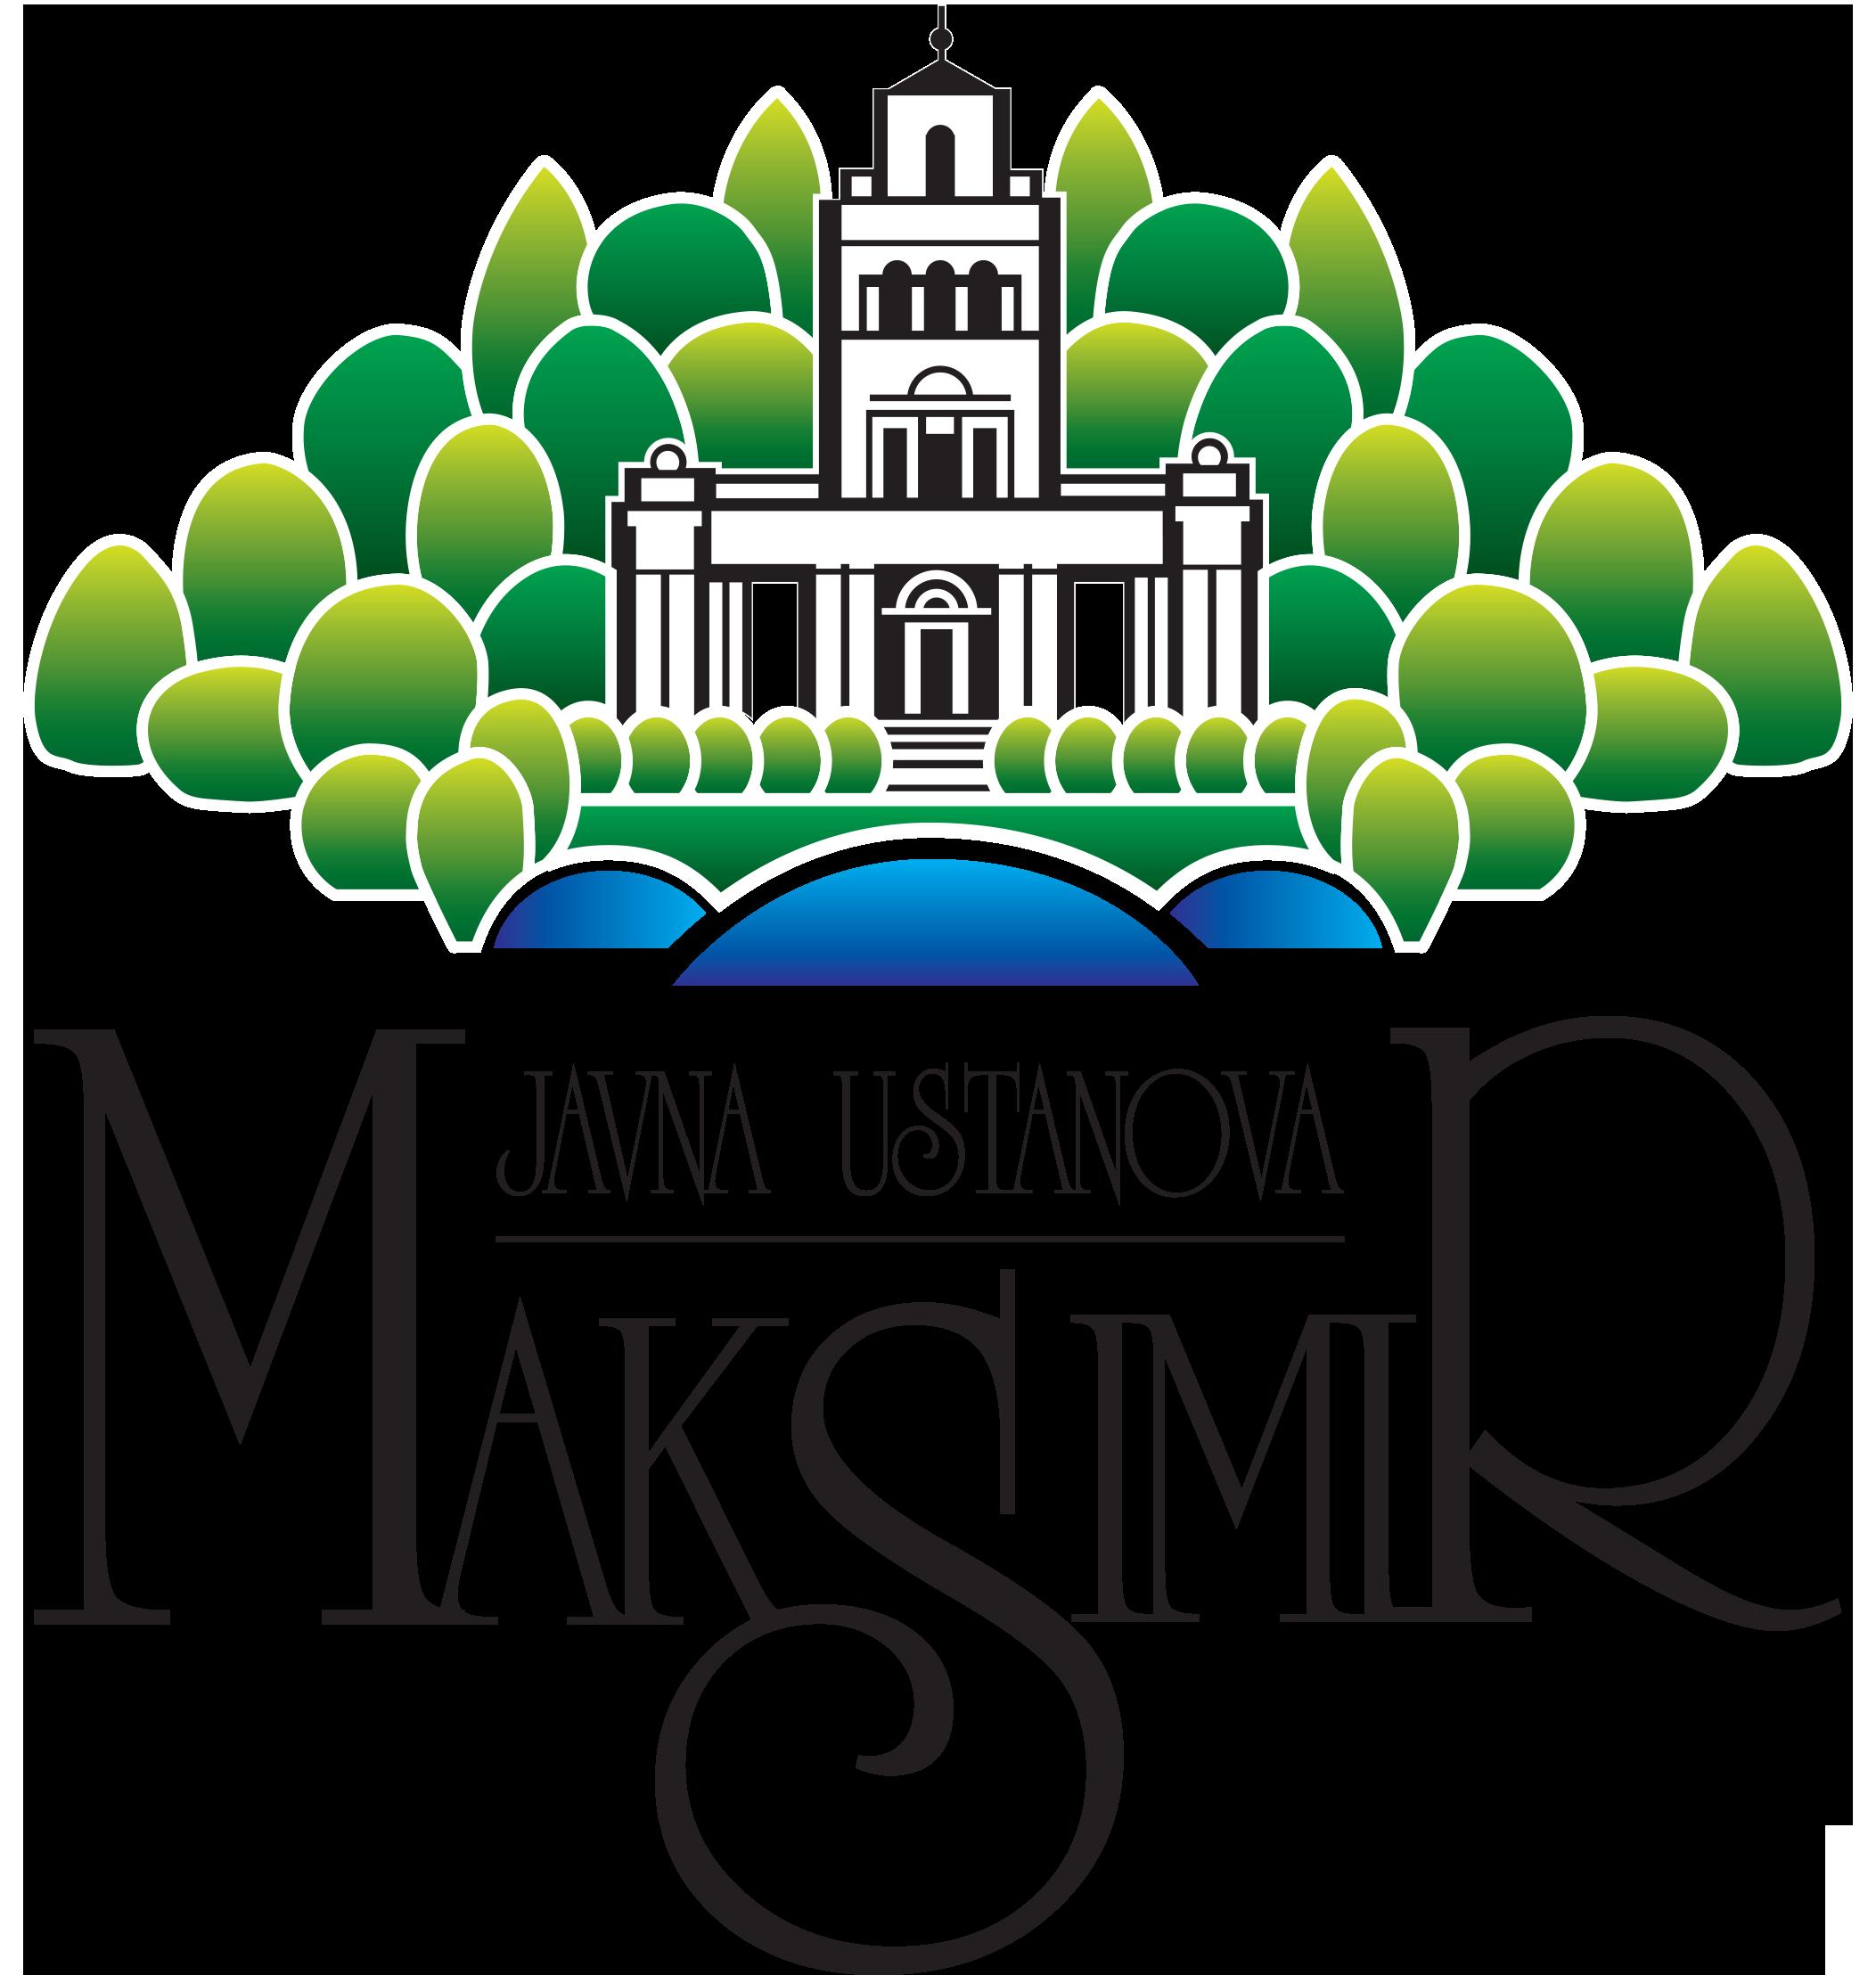 http://park-maksimir.hr/wp-content/uploads/2019/06/JU-MAKSIMIR-LOGO-CMYK.png